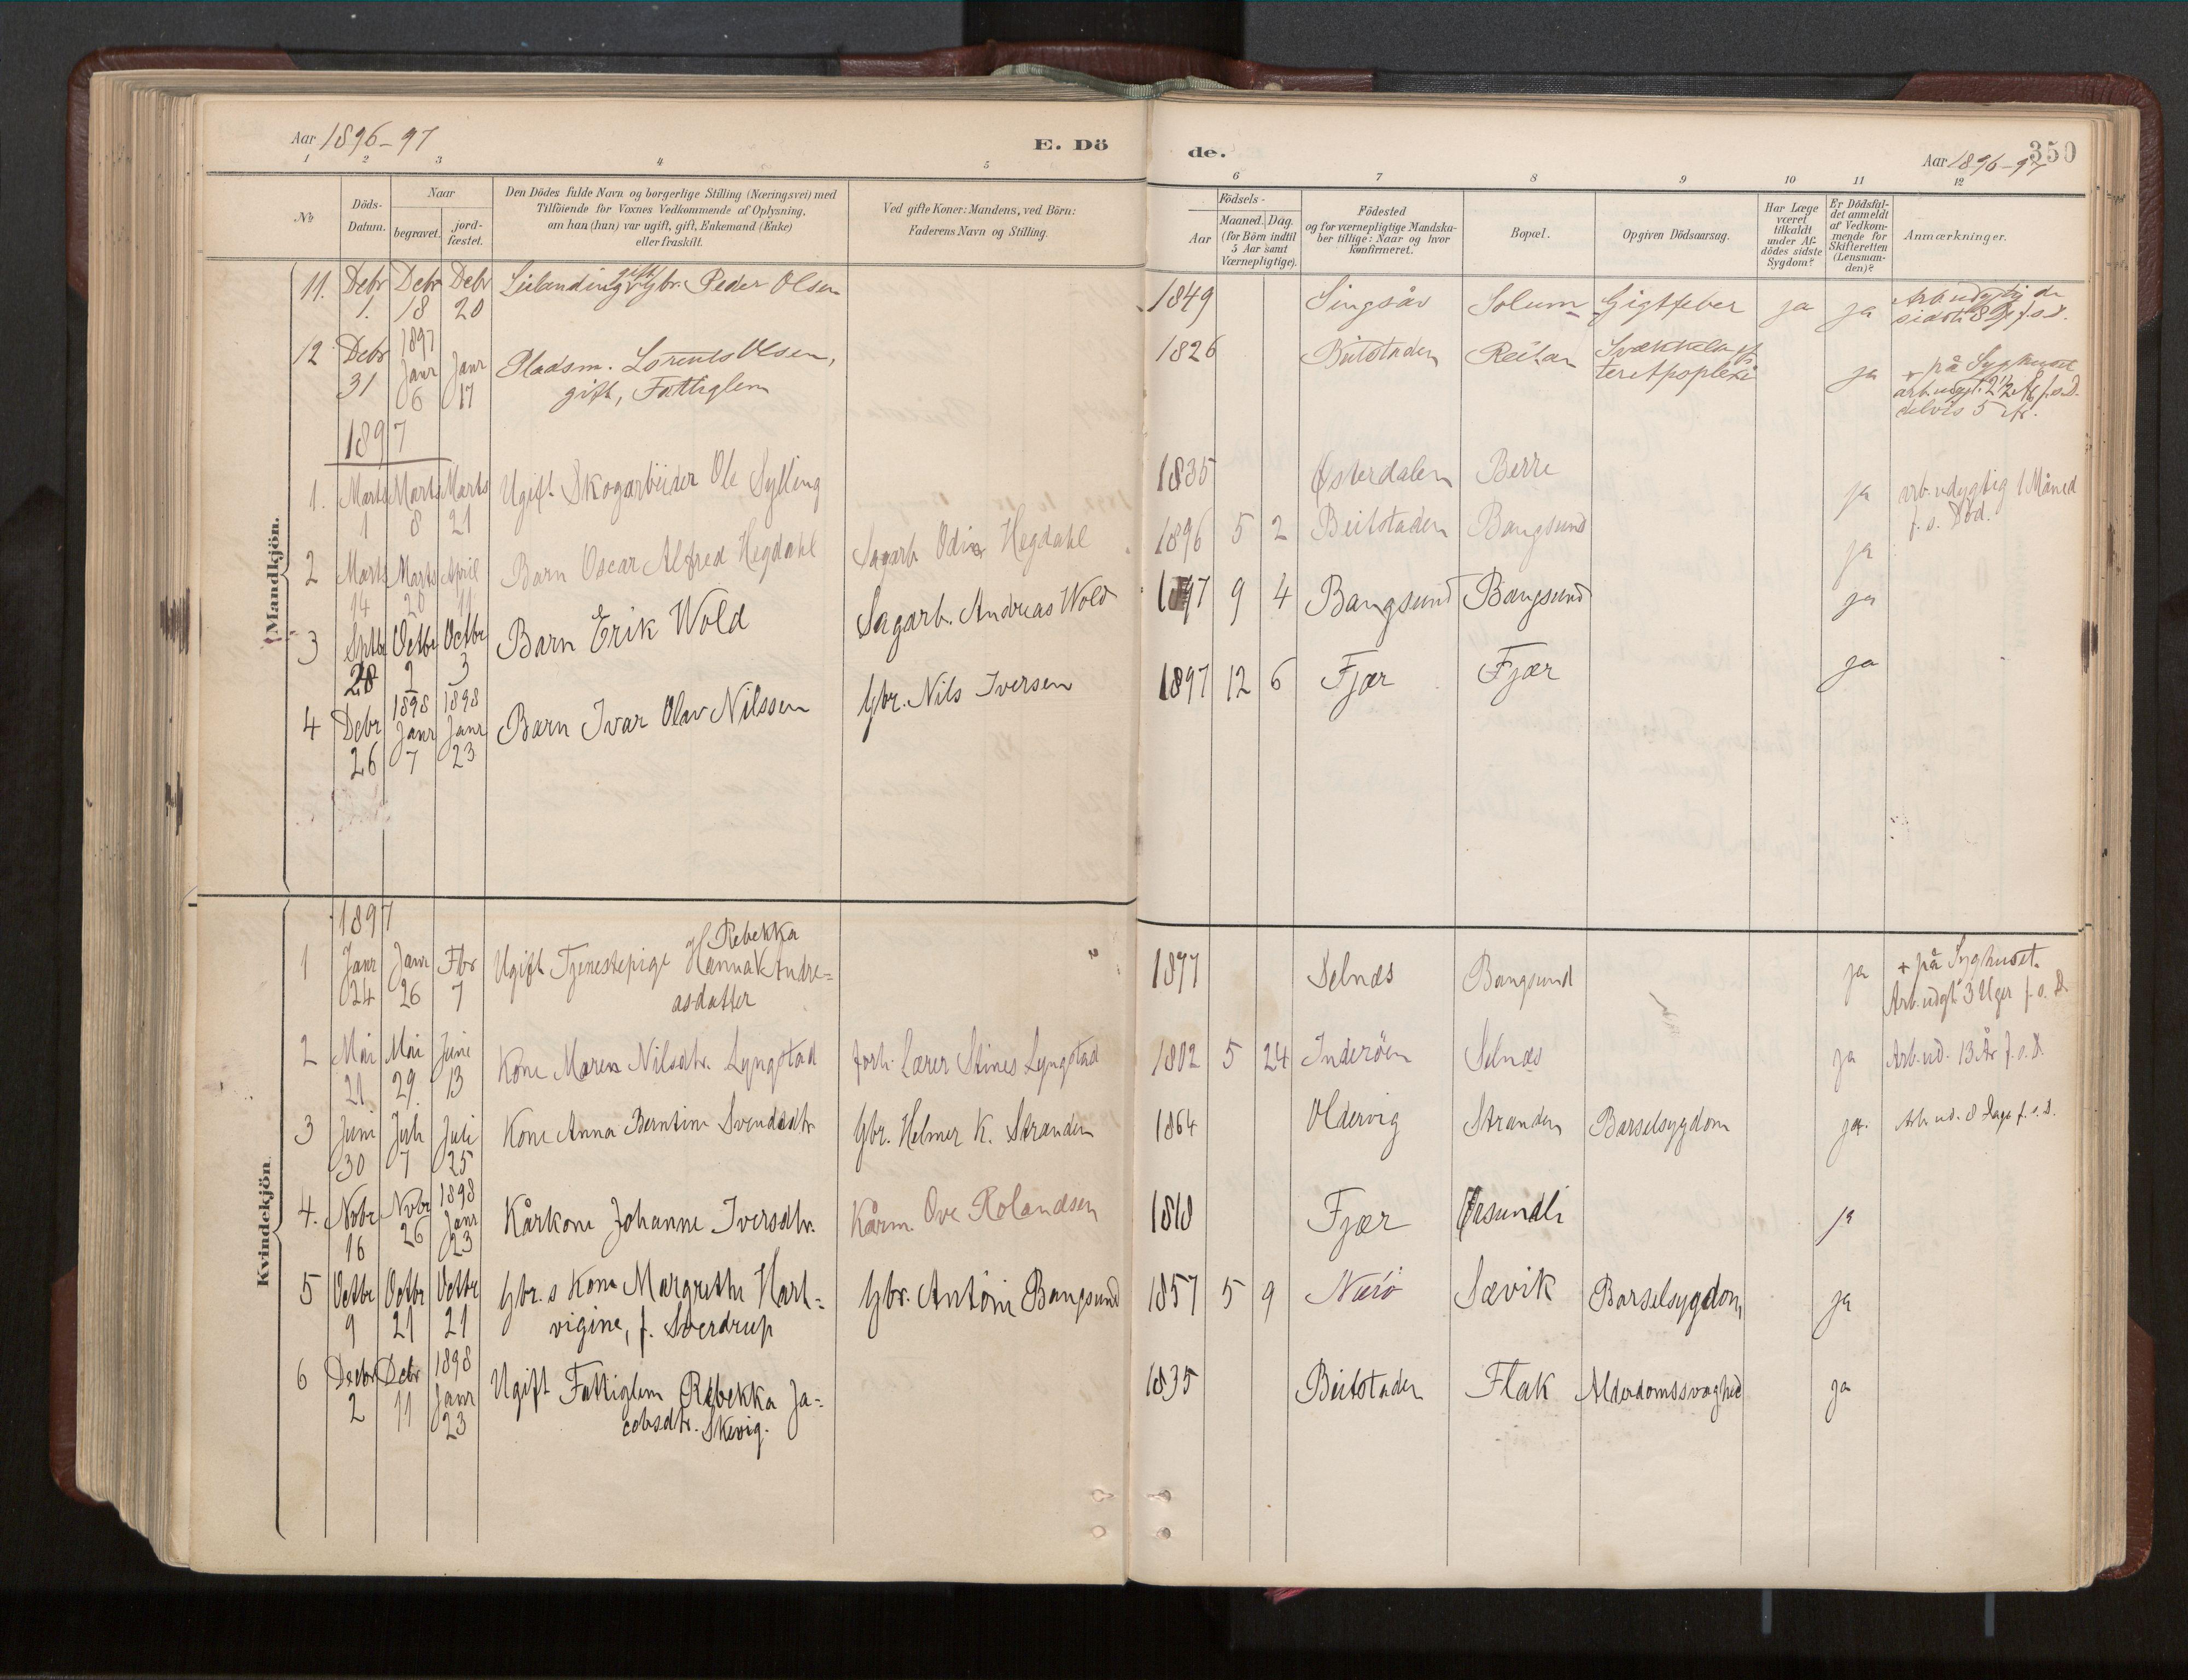 SAT, Ministerialprotokoller, klokkerbøker og fødselsregistre - Nord-Trøndelag, 770/L0589: Ministerialbok nr. 770A03, 1887-1929, s. 350